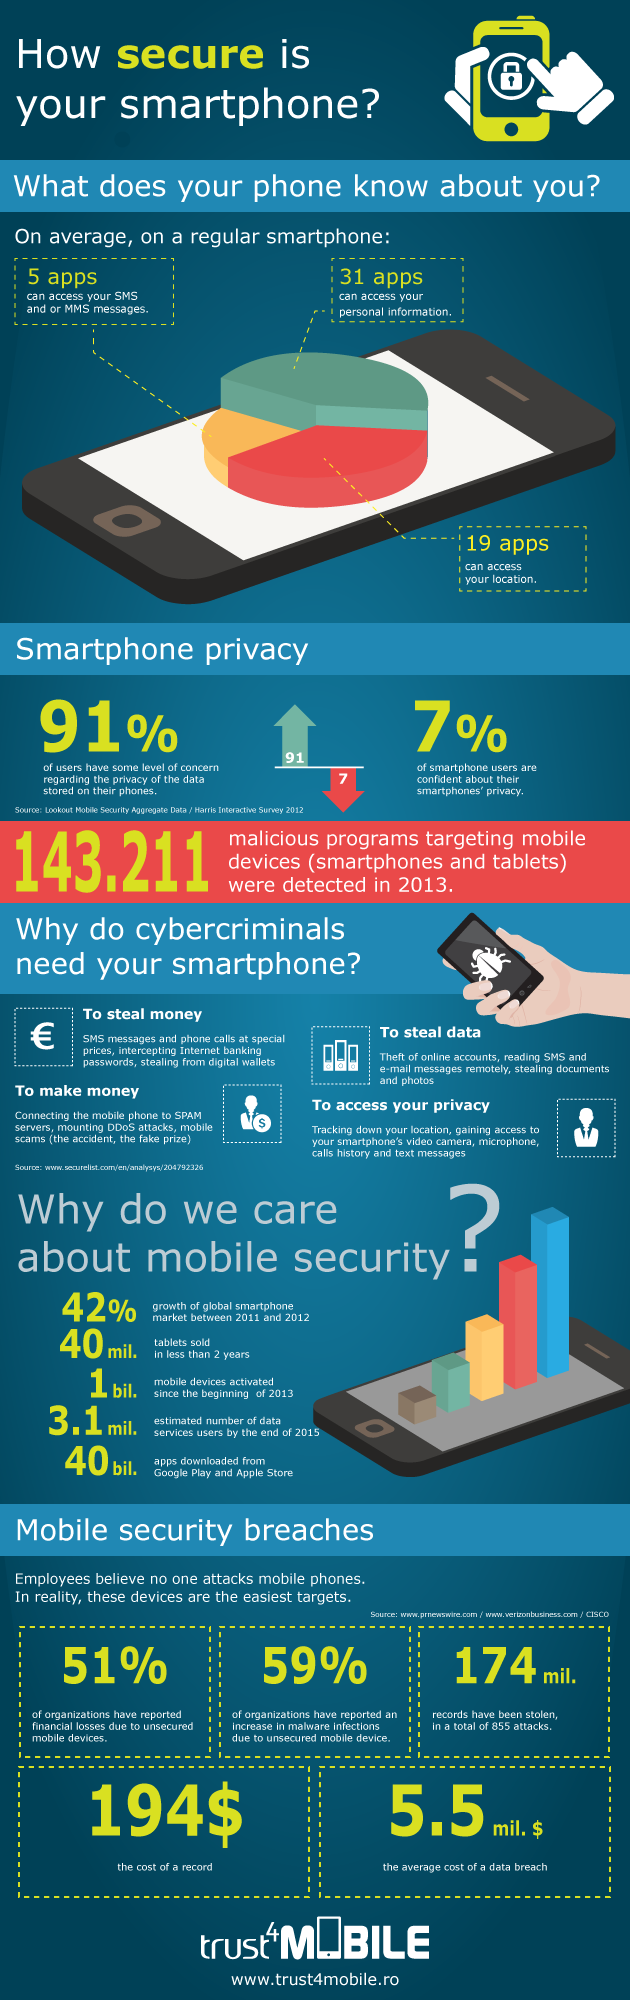 infographic-t4m-01-en